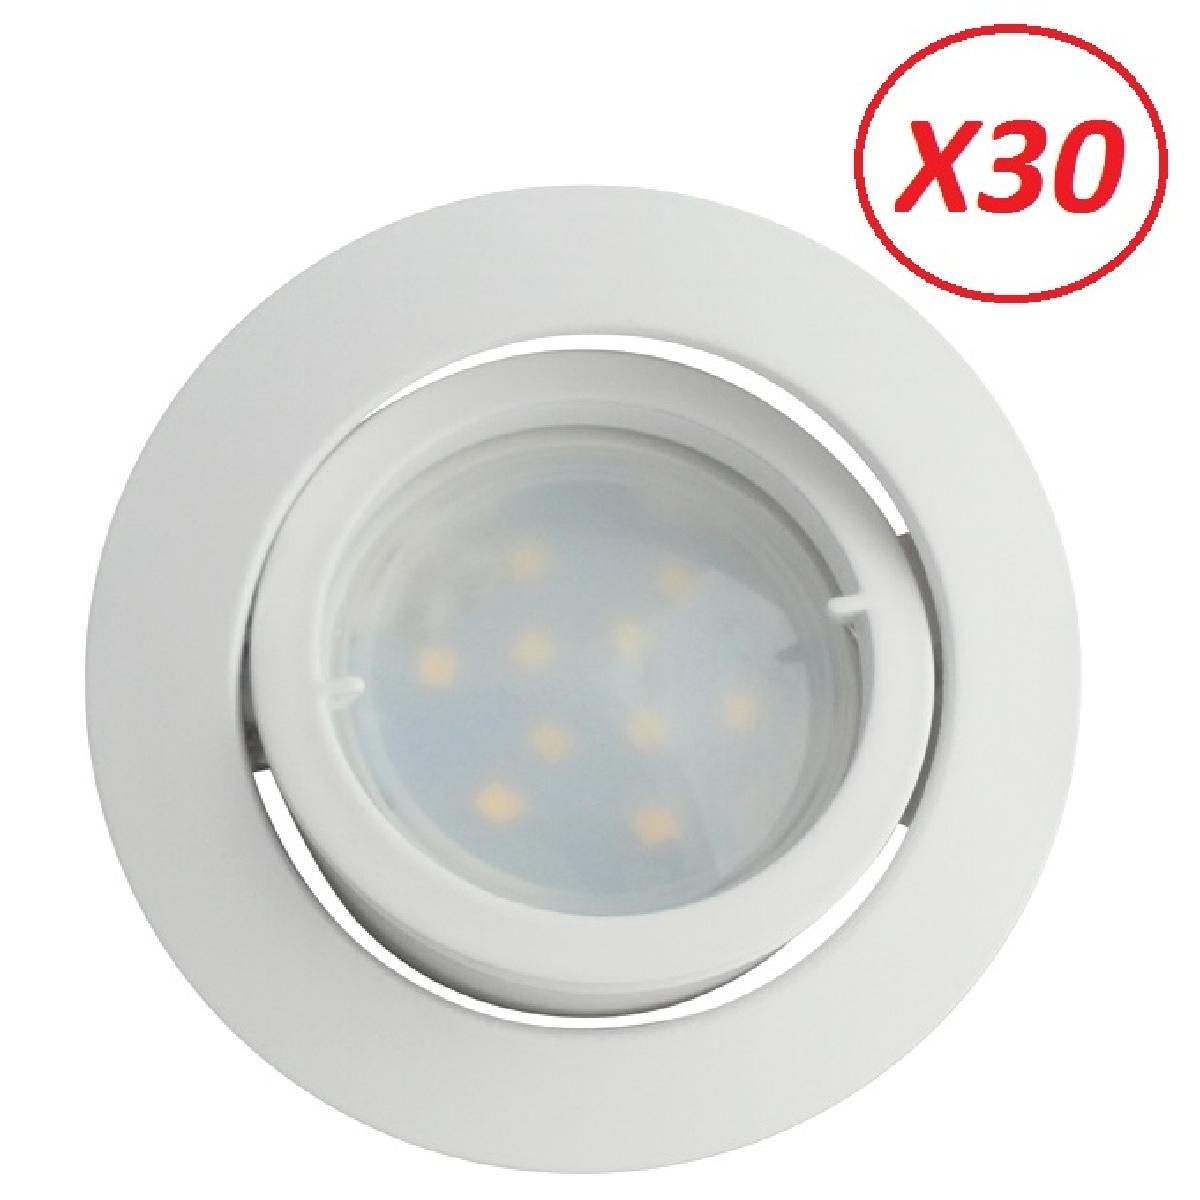 Lampesecoenergie Lot de 30 Spot Led Encastrable Complete Blanc Orientable lumière Blanc Neutre eq. 50W ref.888